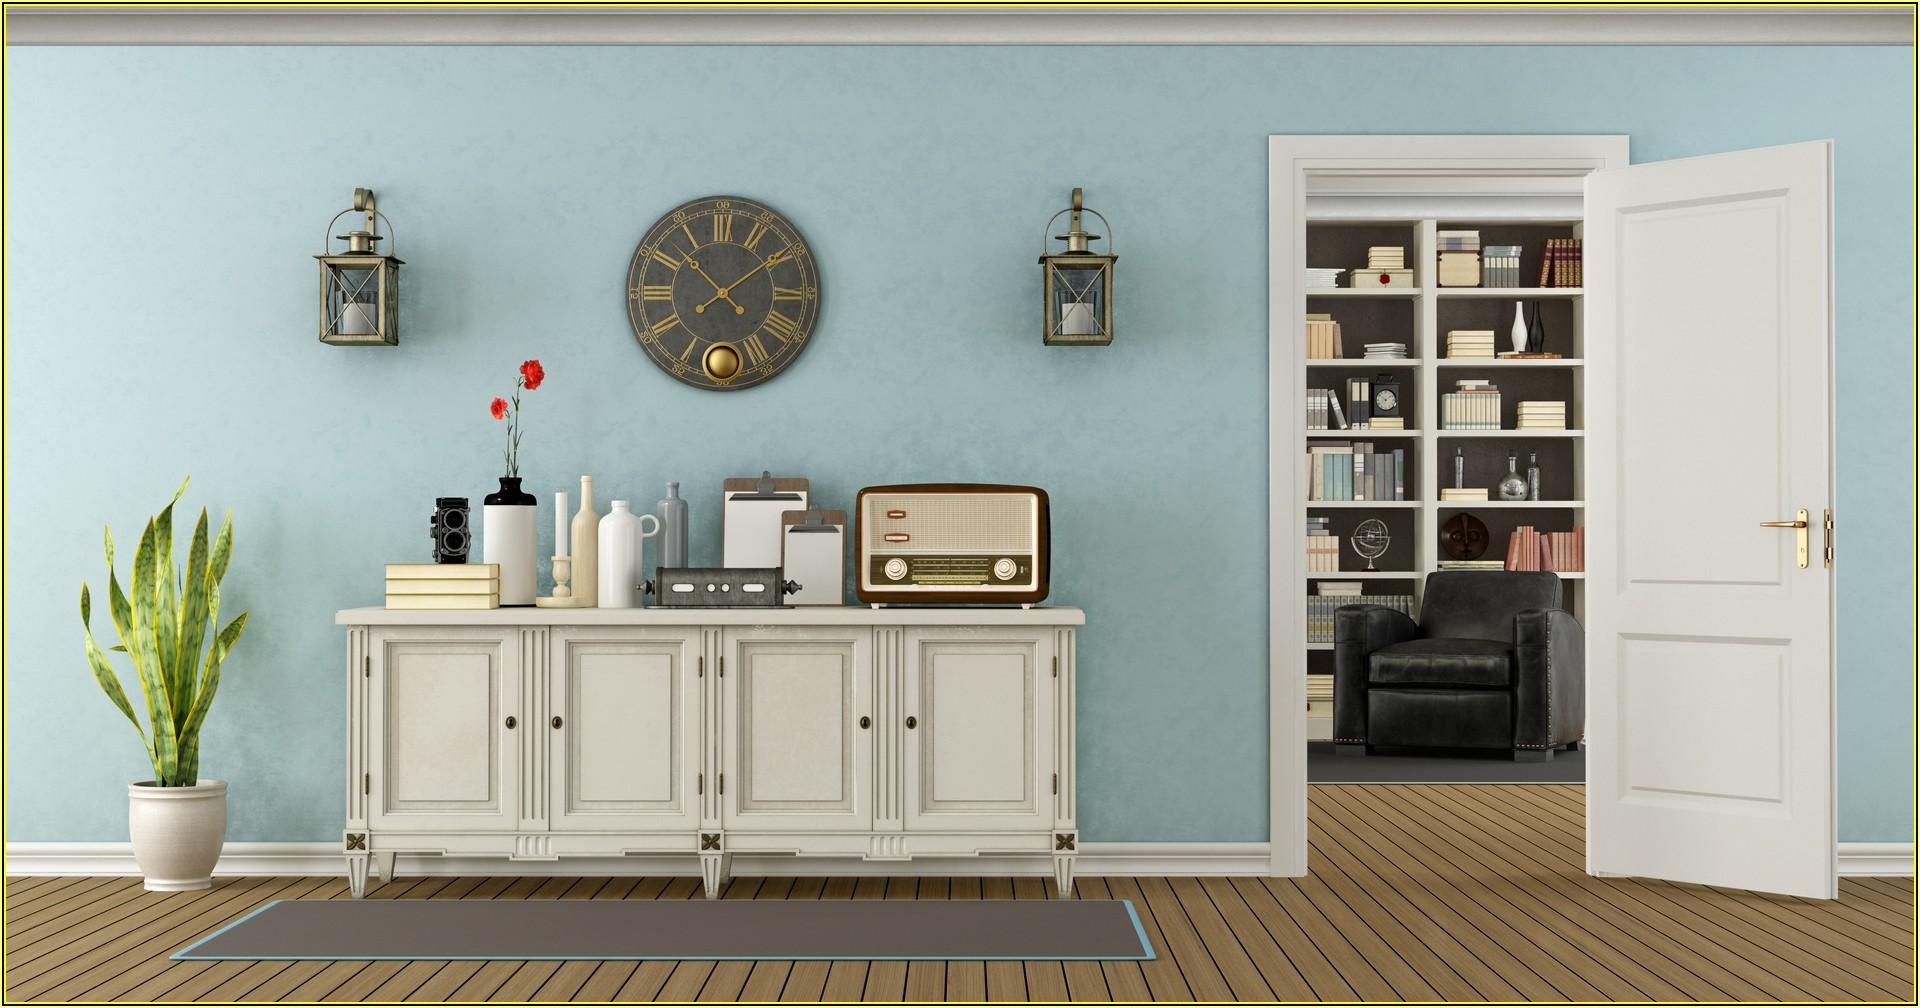 Schöner Wohnen Farbe Kinderzimmer